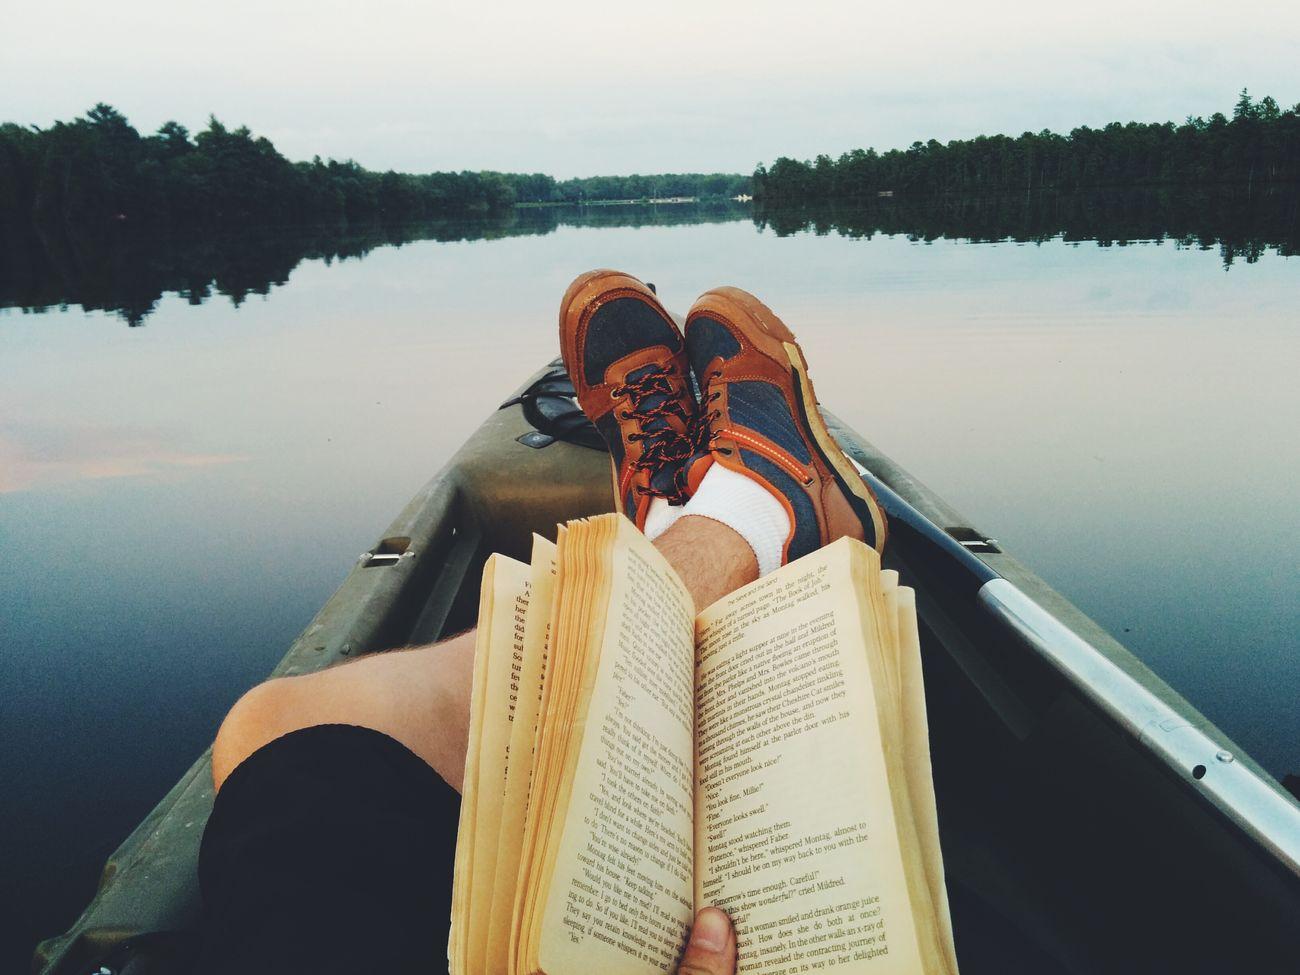 Summer evening on Atsion KayakLife Reading Lake Relaxing